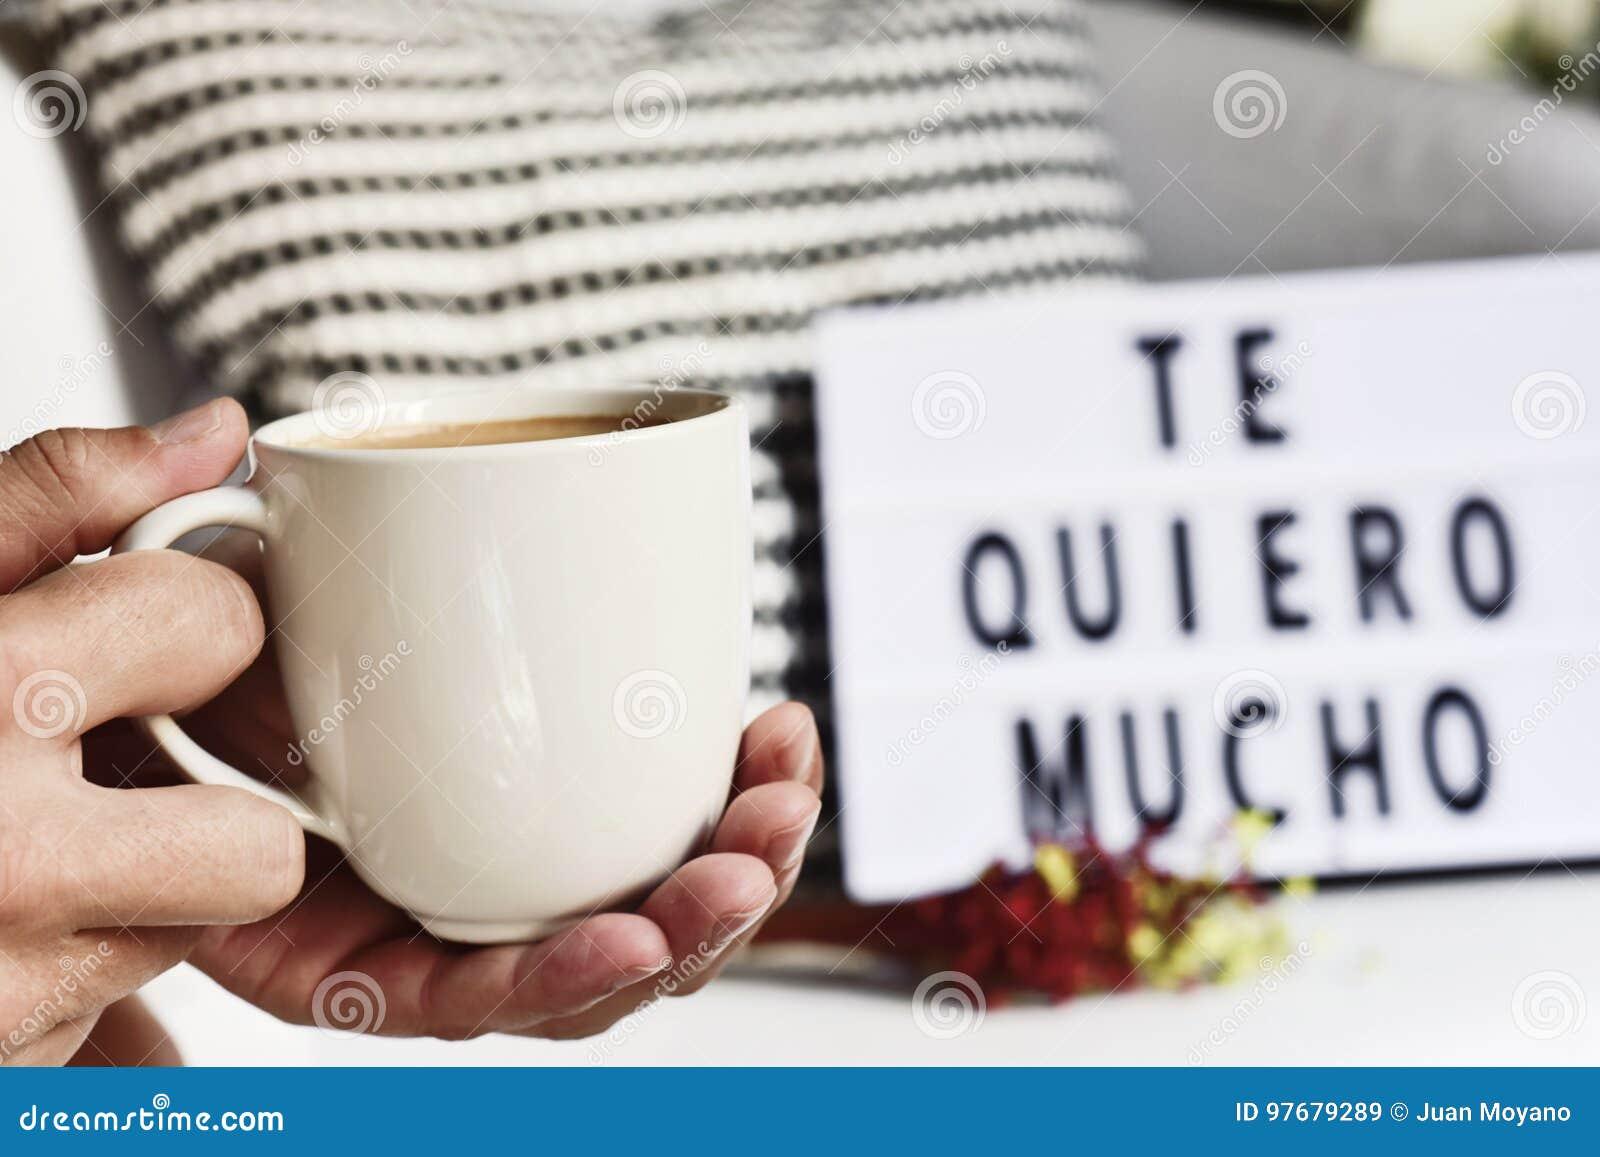 Kaffee und Text ich liebe dich soviel auf spanisch